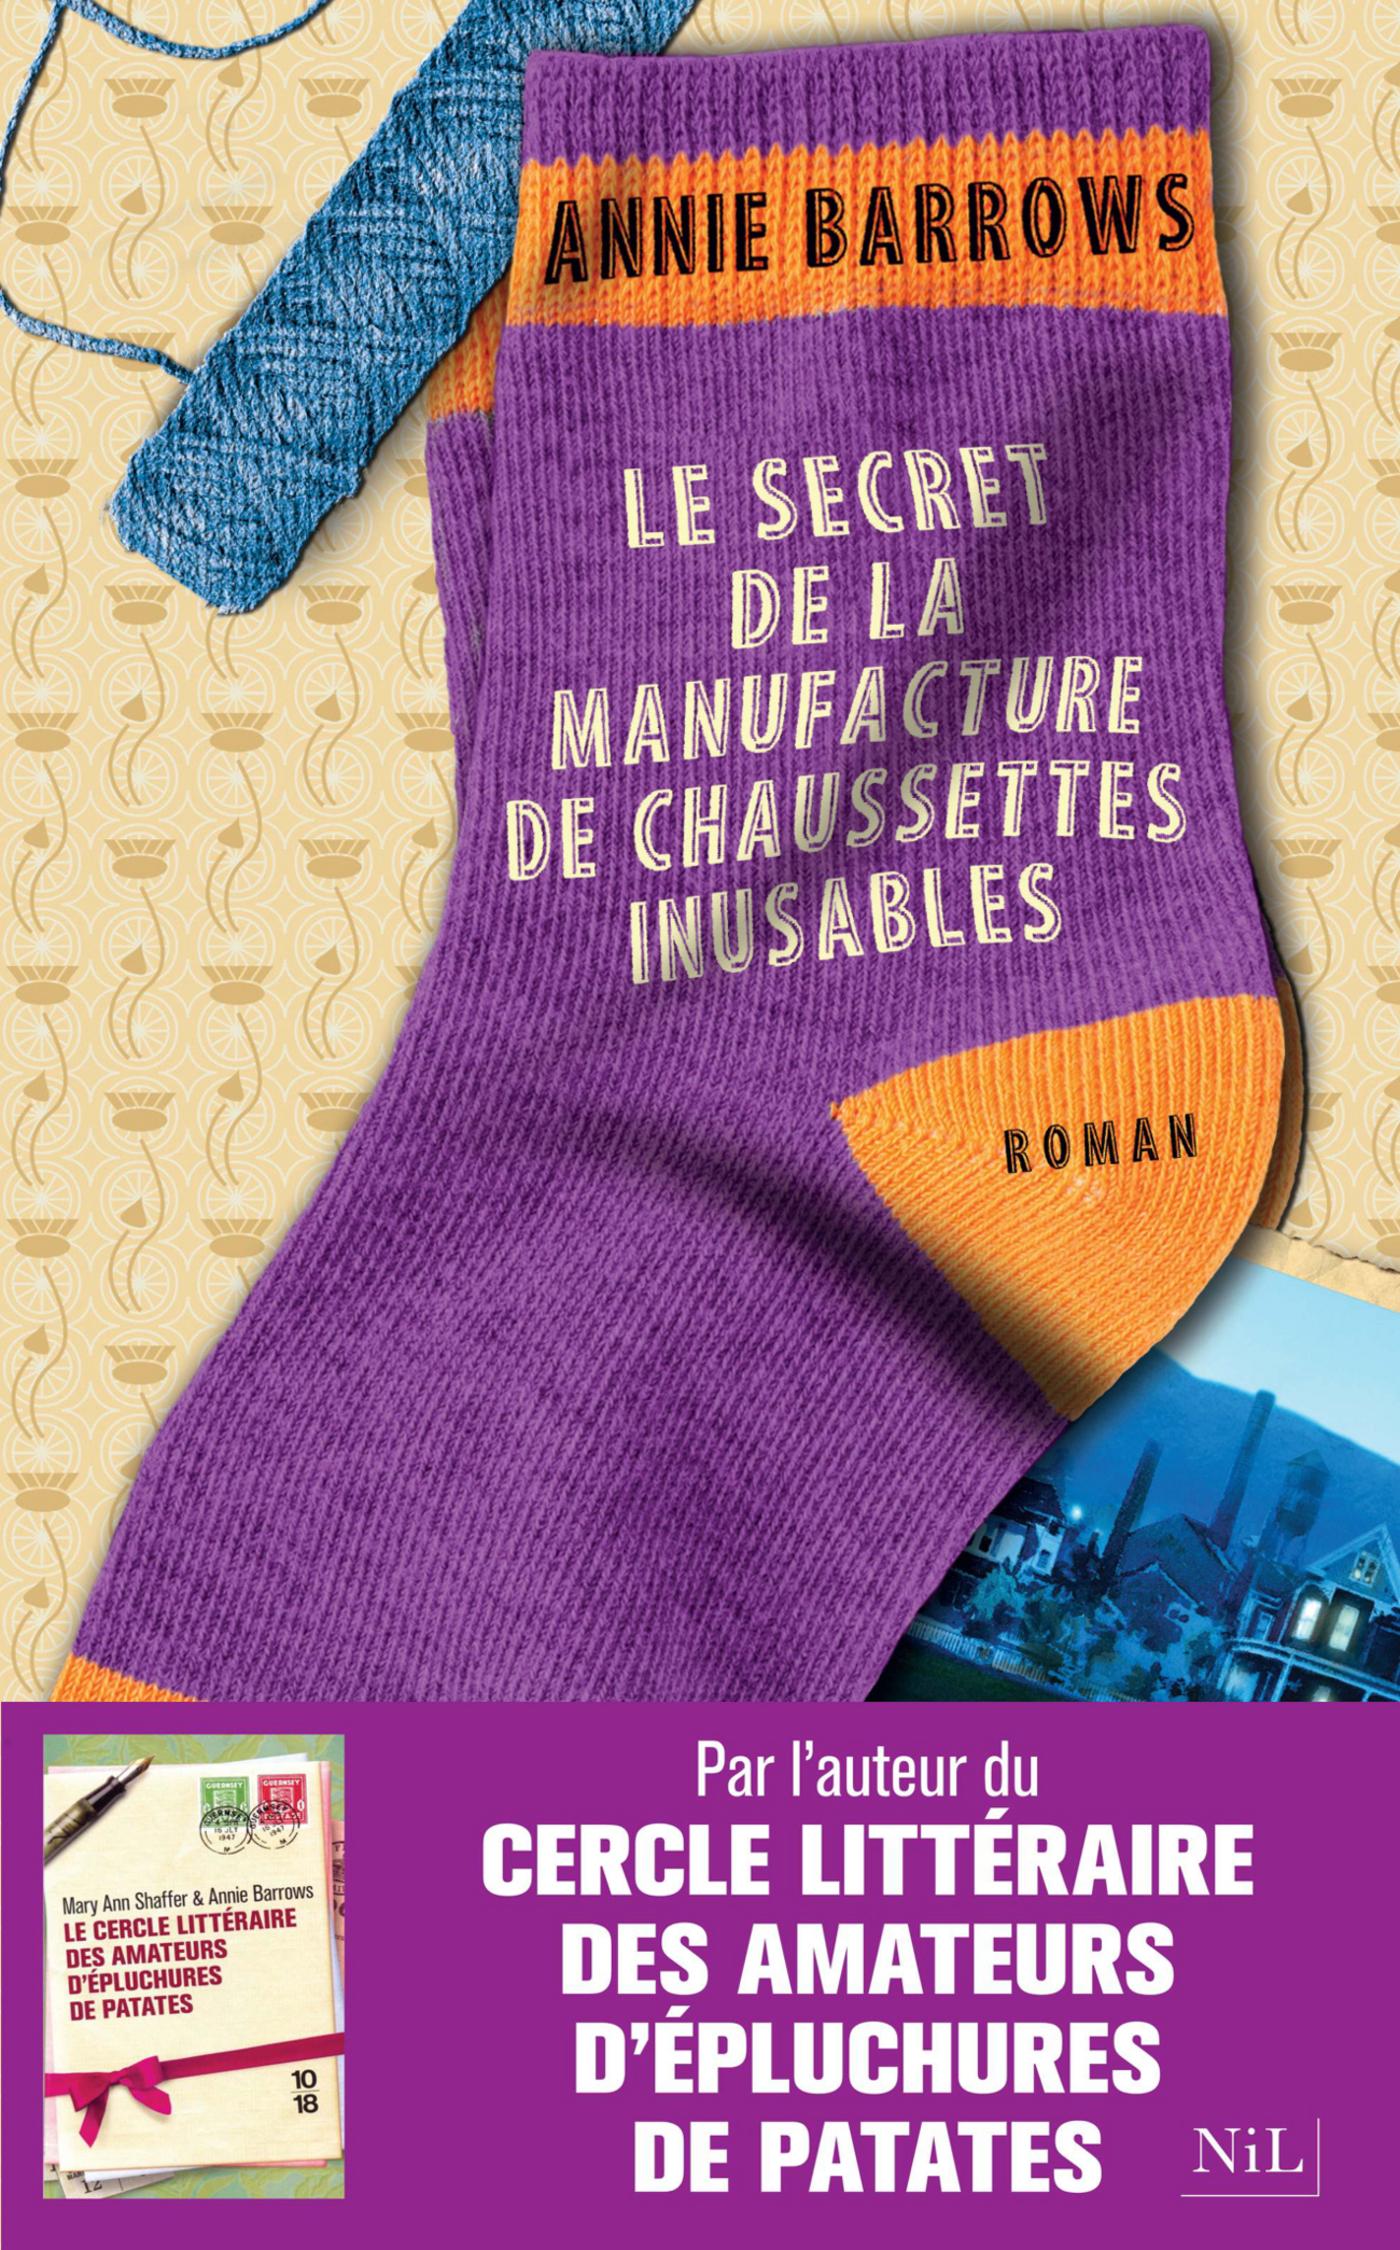 Le Secret de la manufacture de chaussettes inusables (ebook)